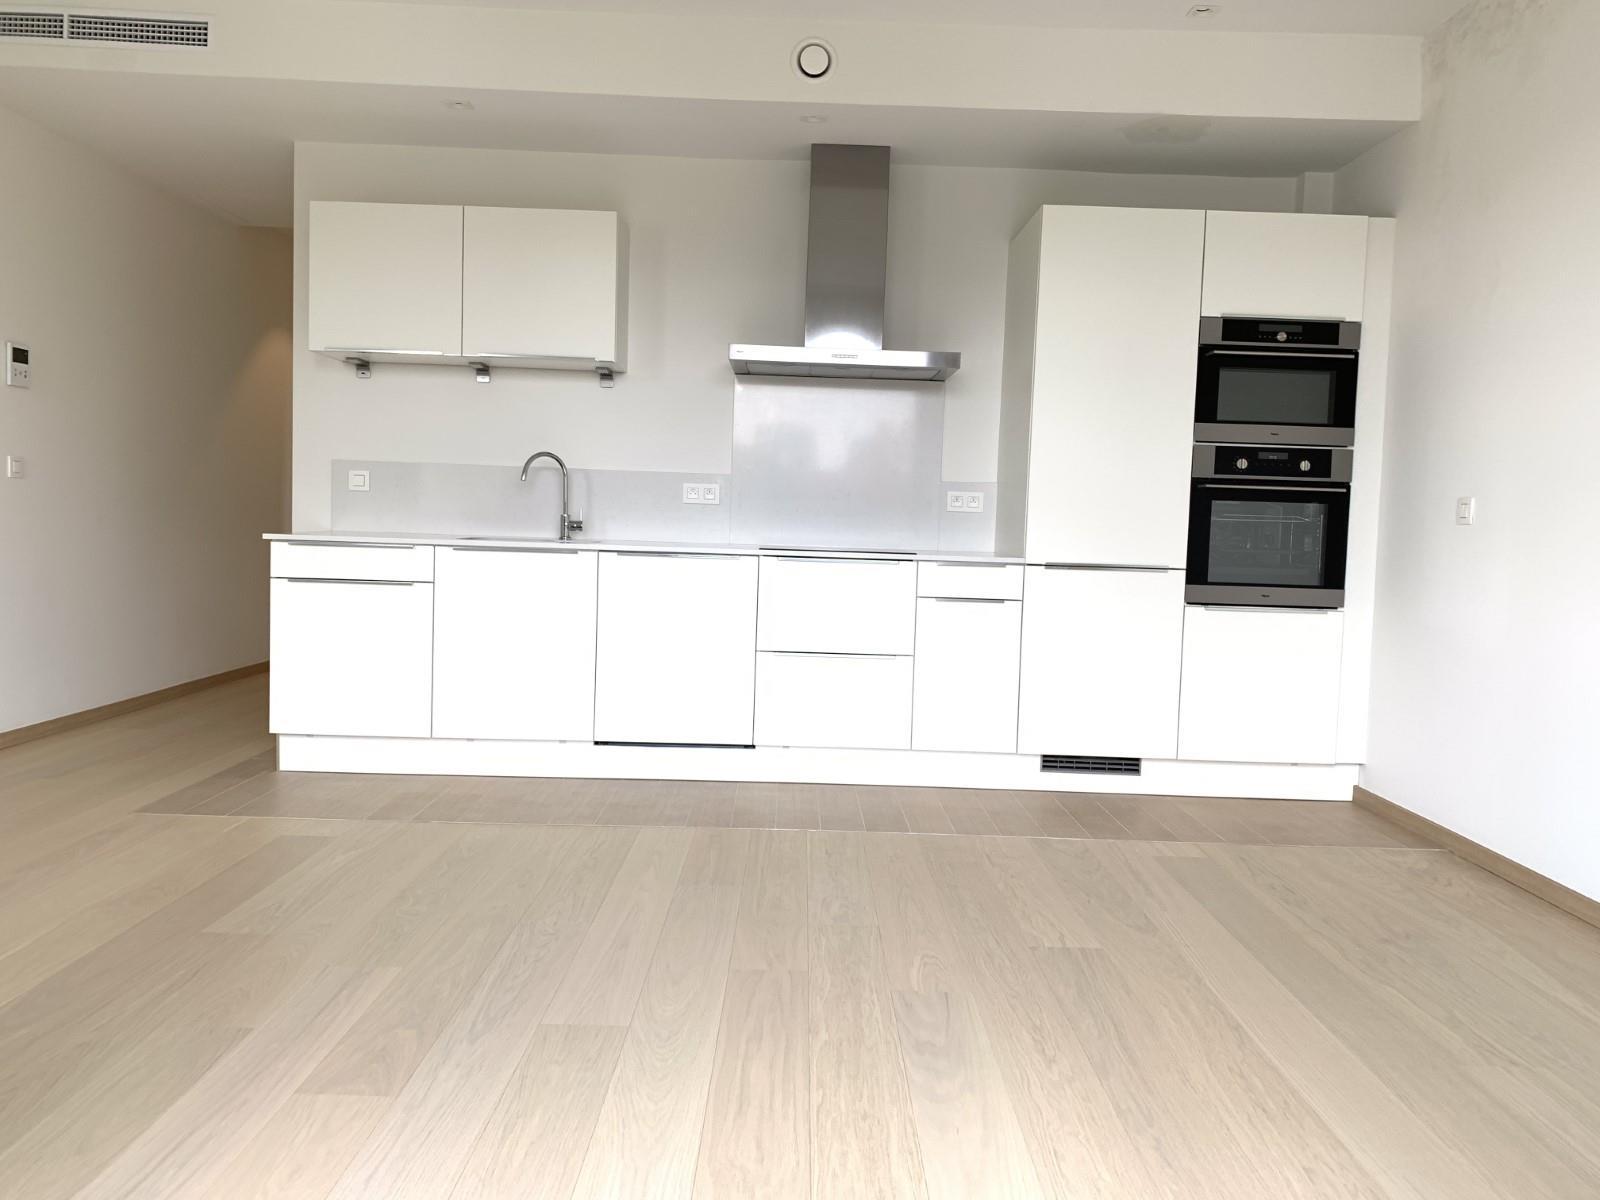 Appartement exceptionnel - Ixelles - #3851269-1